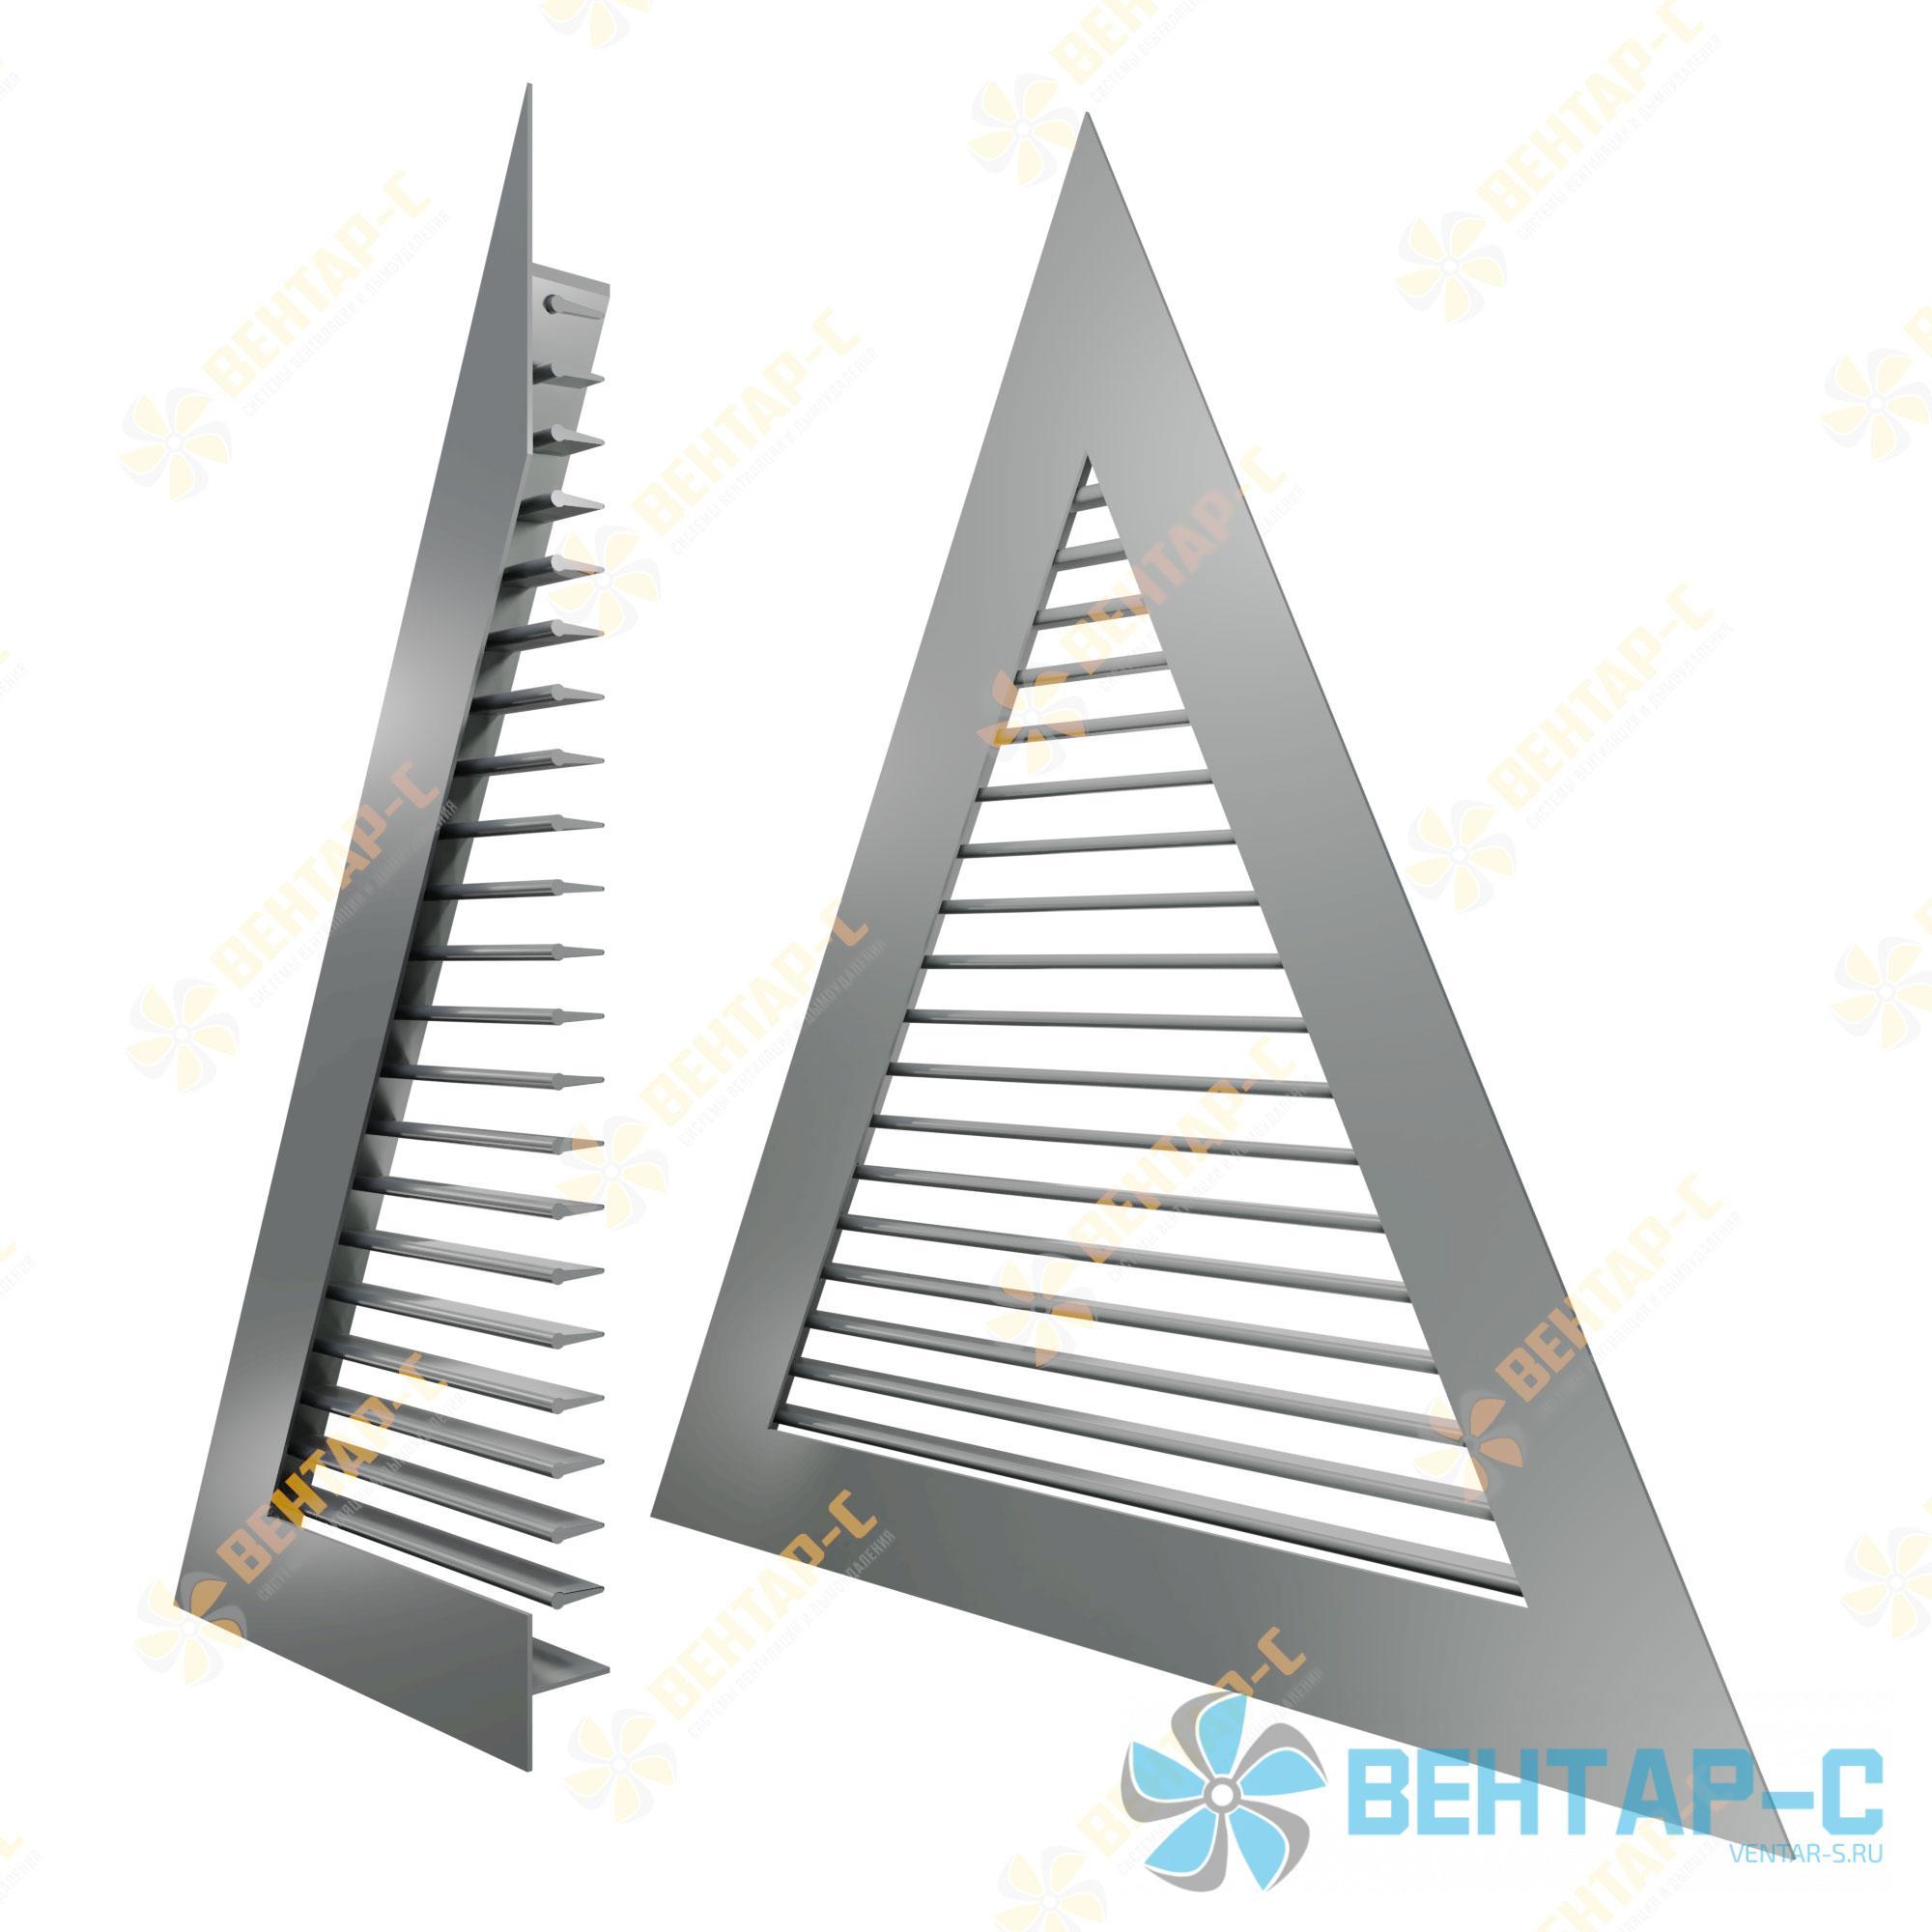 Однорядная треугольная регулируемая вентиляционная решетка ОГРТ